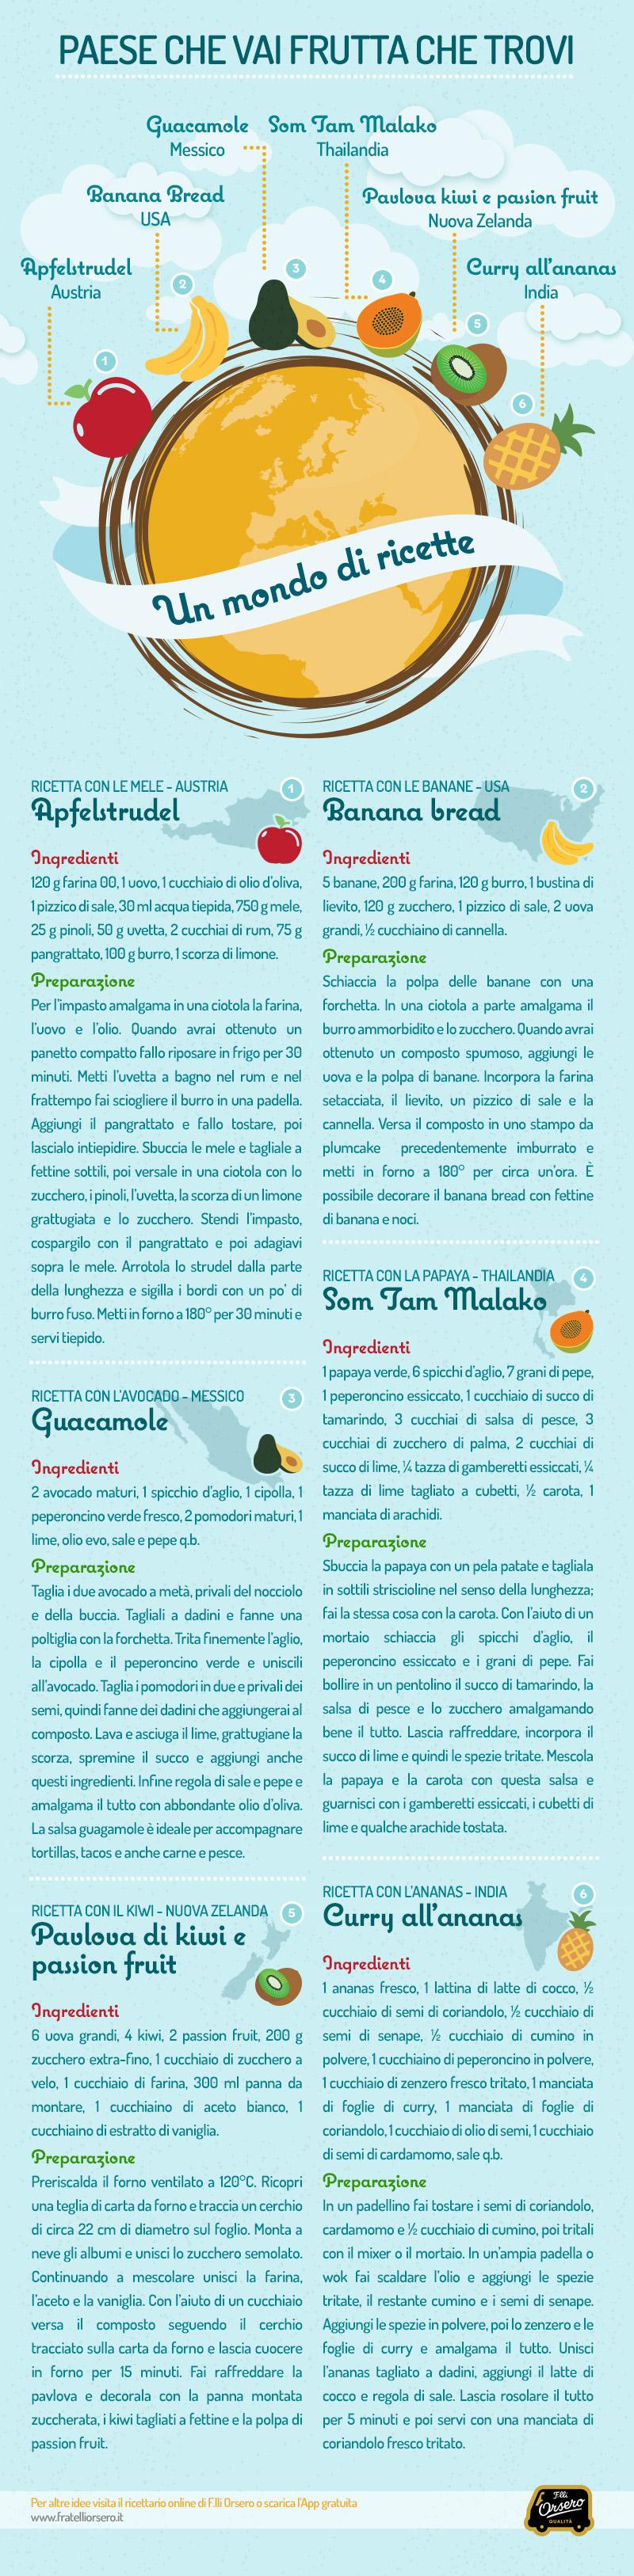 orsero_infografica_paese_che_vai_ricette_dal_mondo